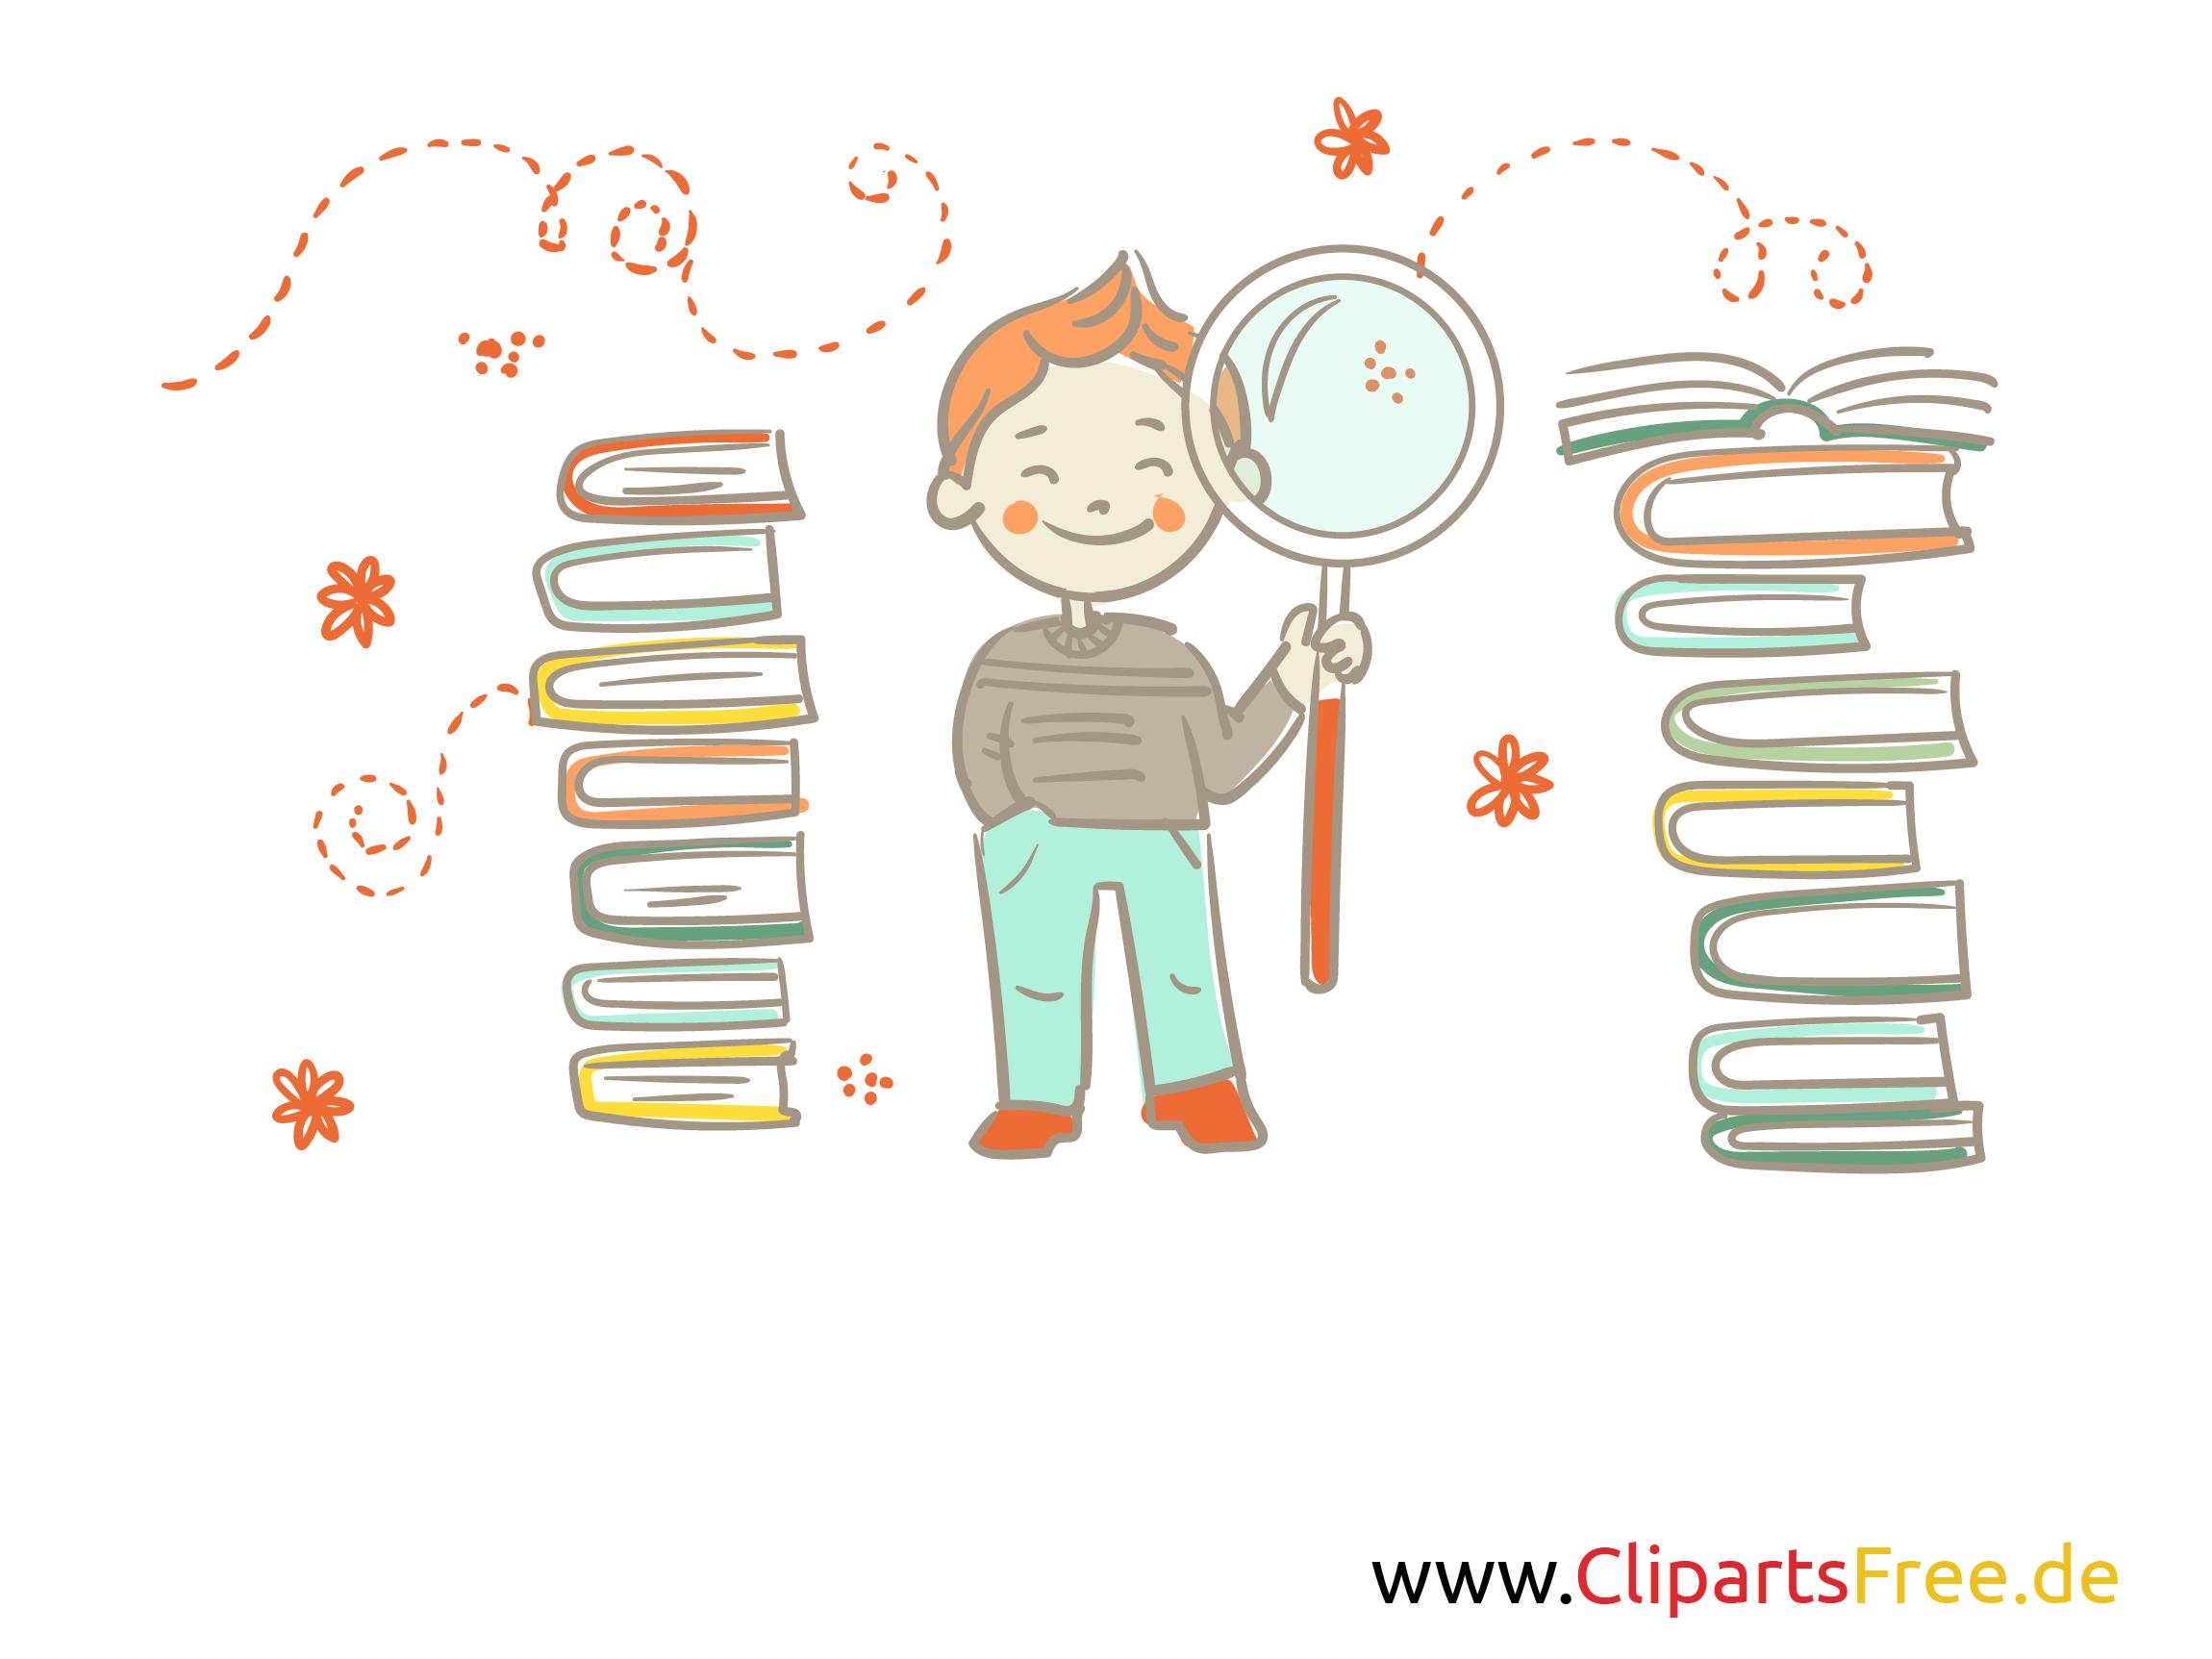 Junge mit Lupe und Bücher Clipart, Grafik, Illustration